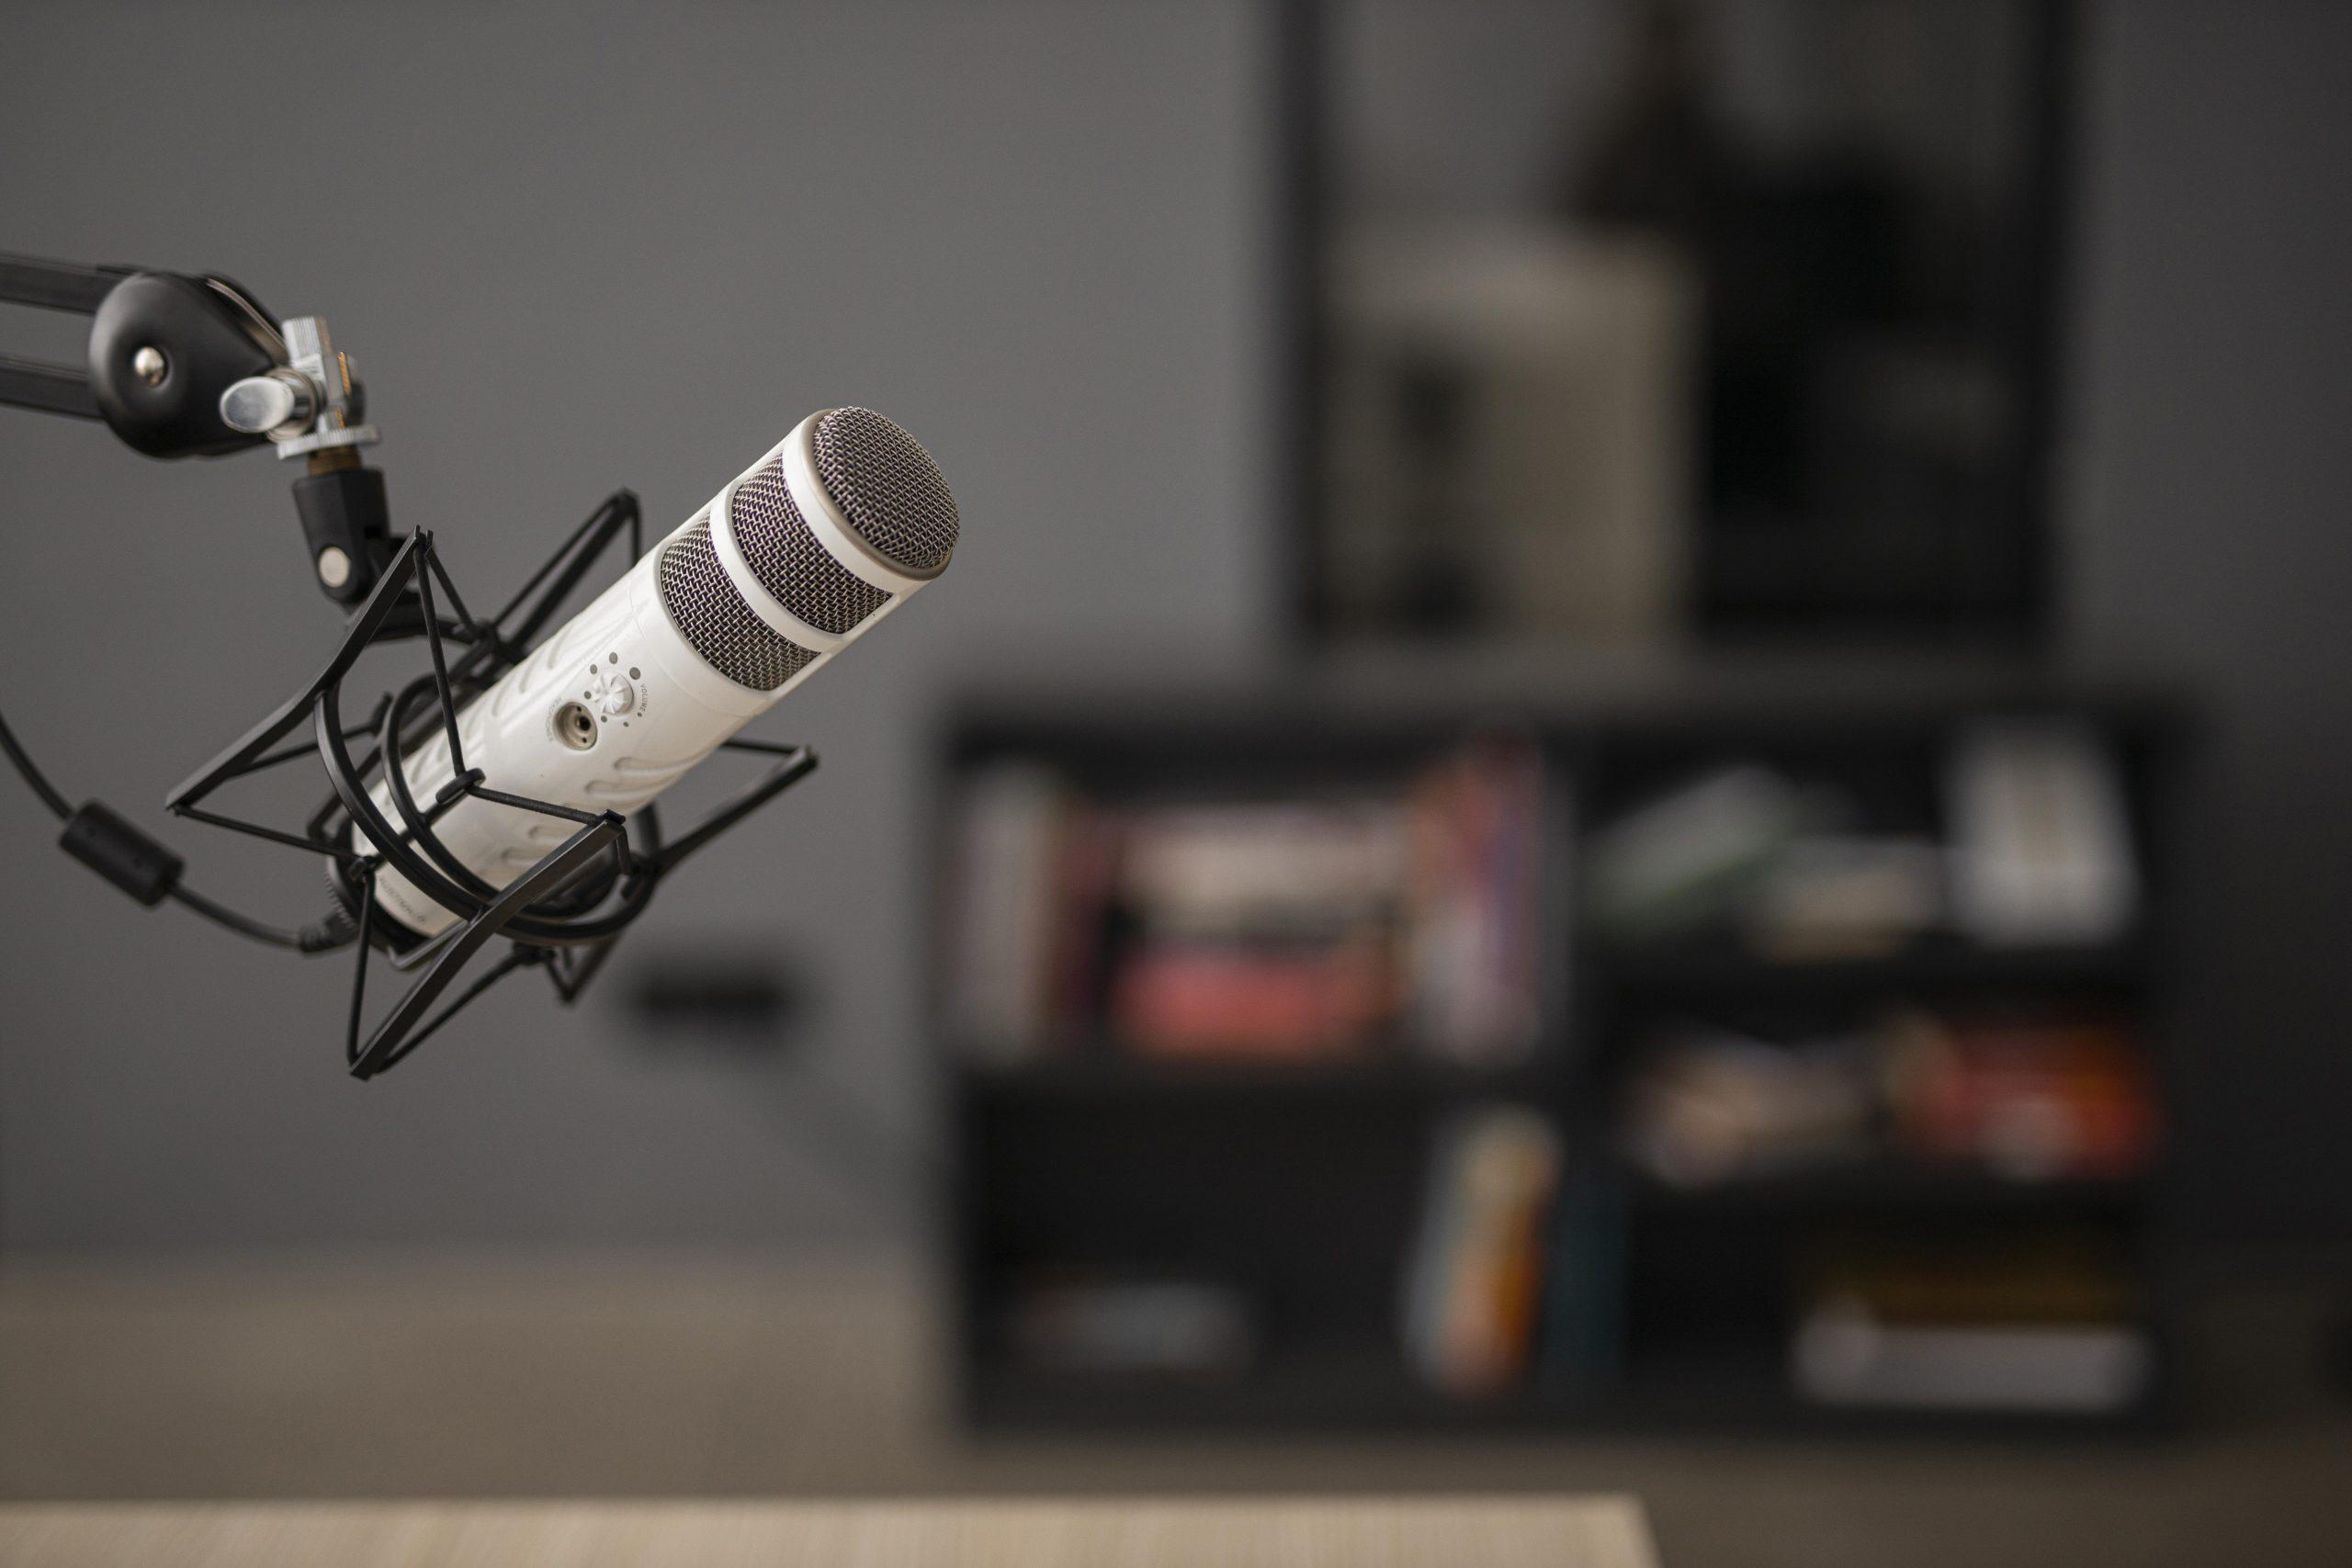 Mikro auf der rechten Seite Podcast